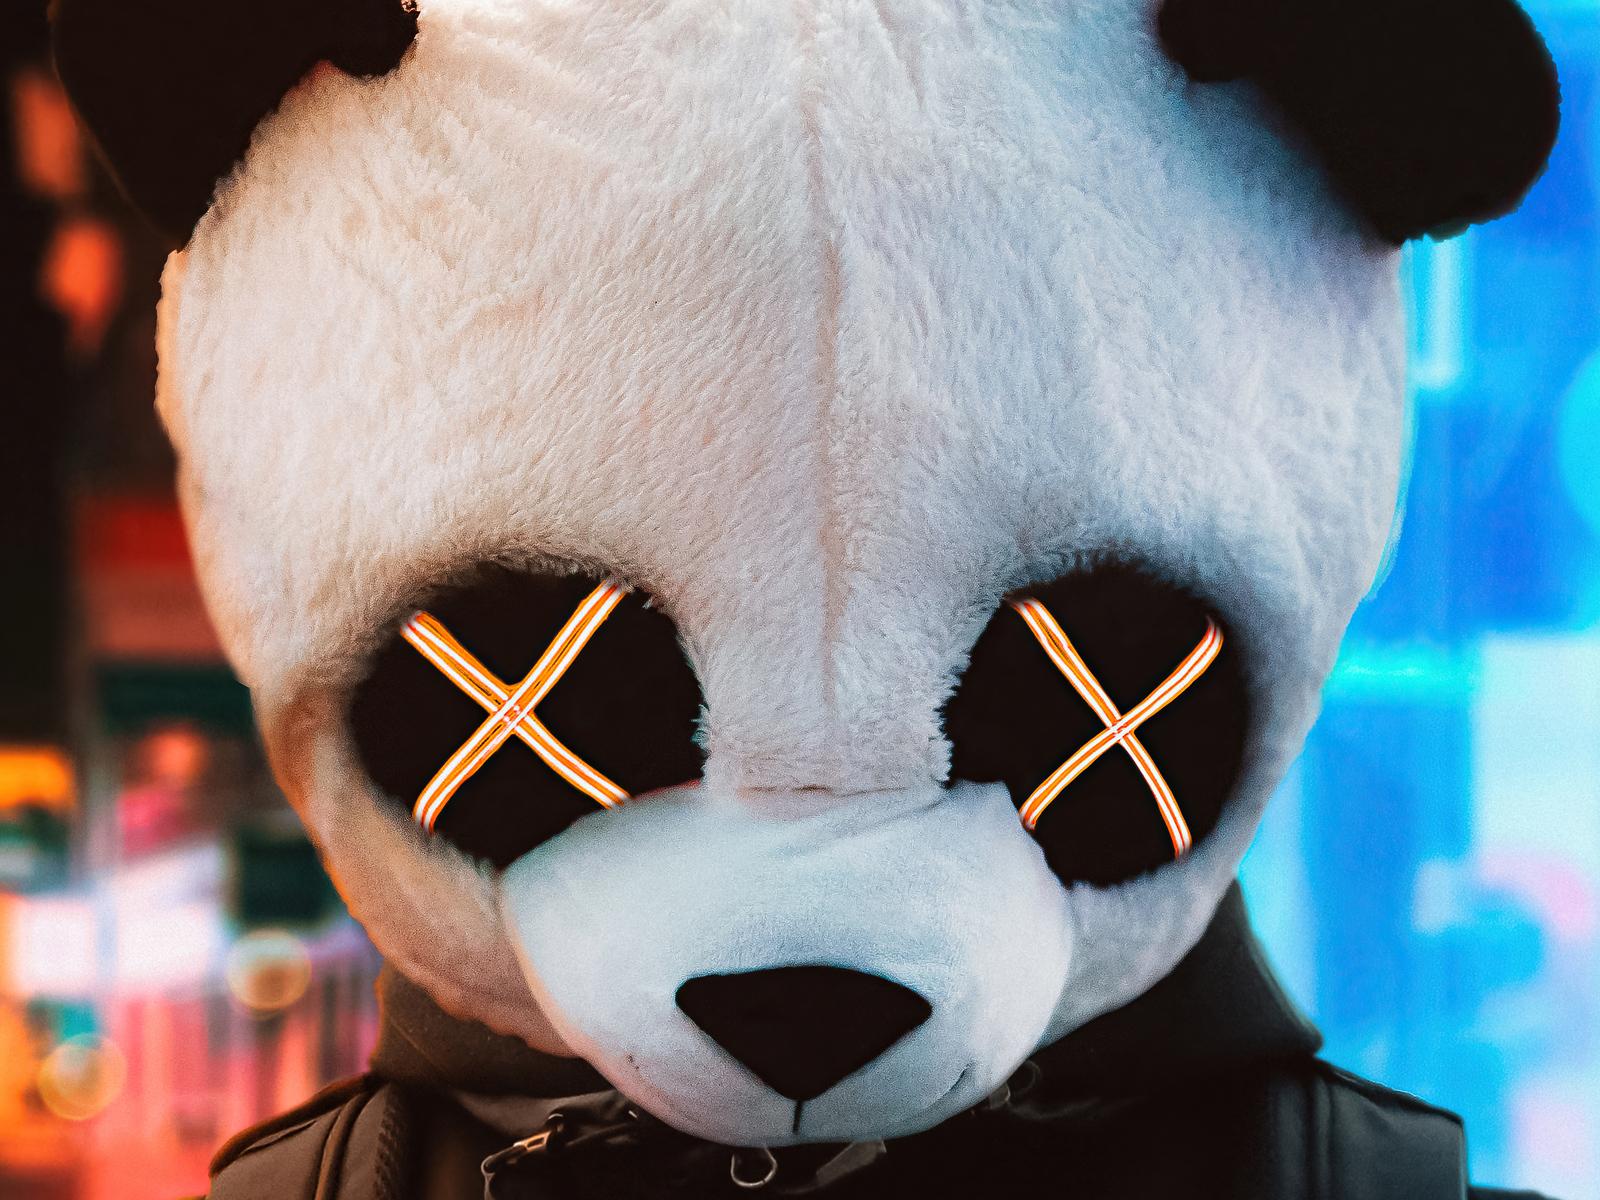 panda-glowing-eyes-city-5k-d1.jpg